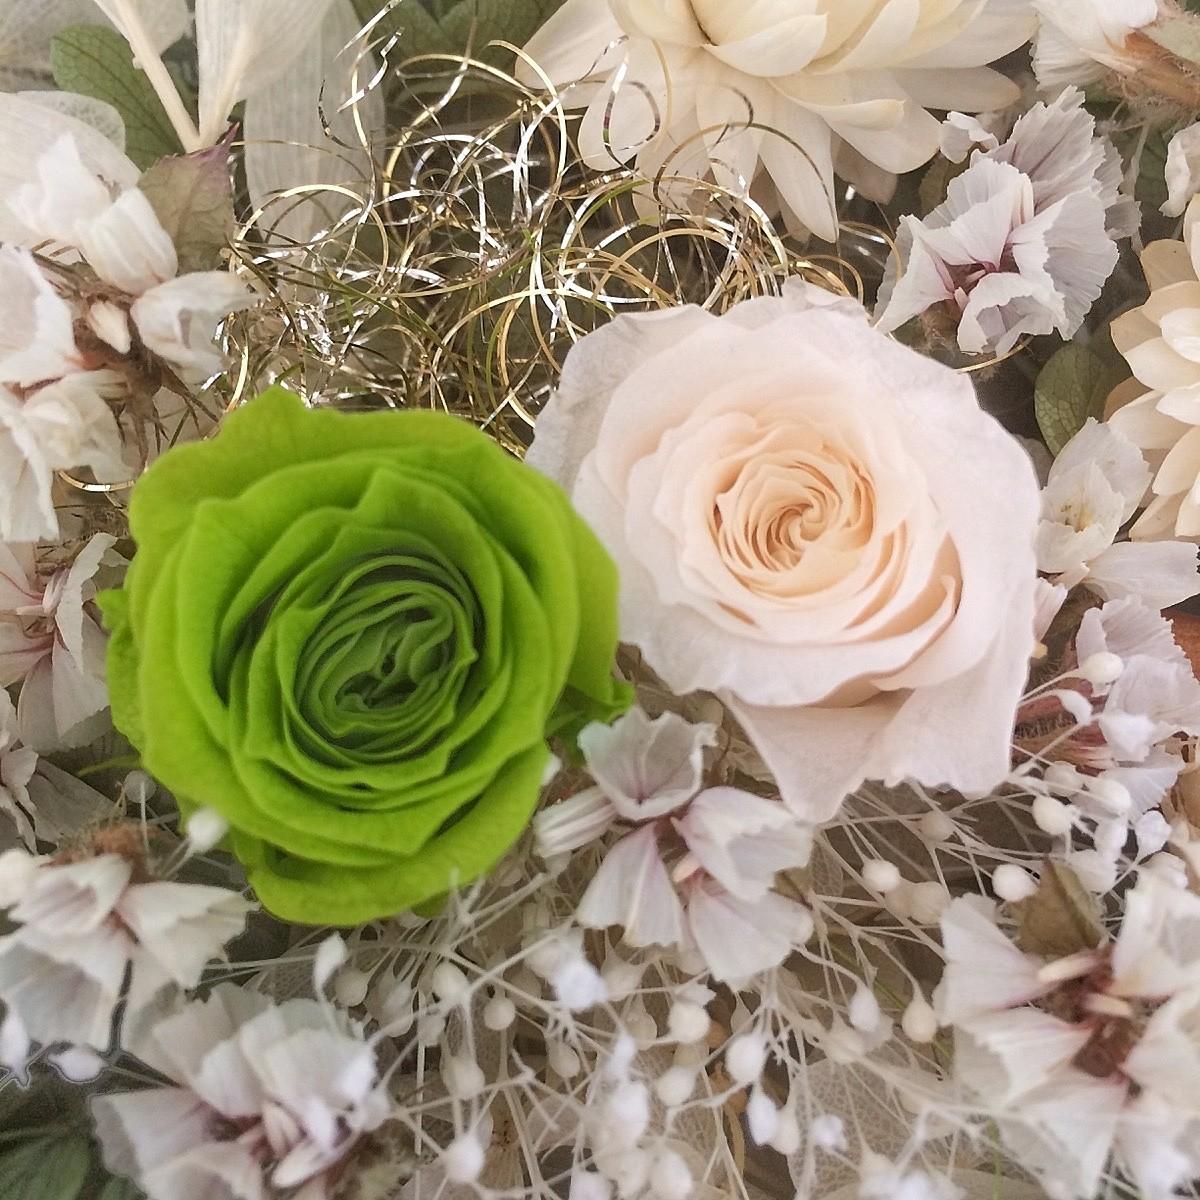 花材2 貝細工 ドライフラワー プリザーブドフラワー ハーバリウム花材